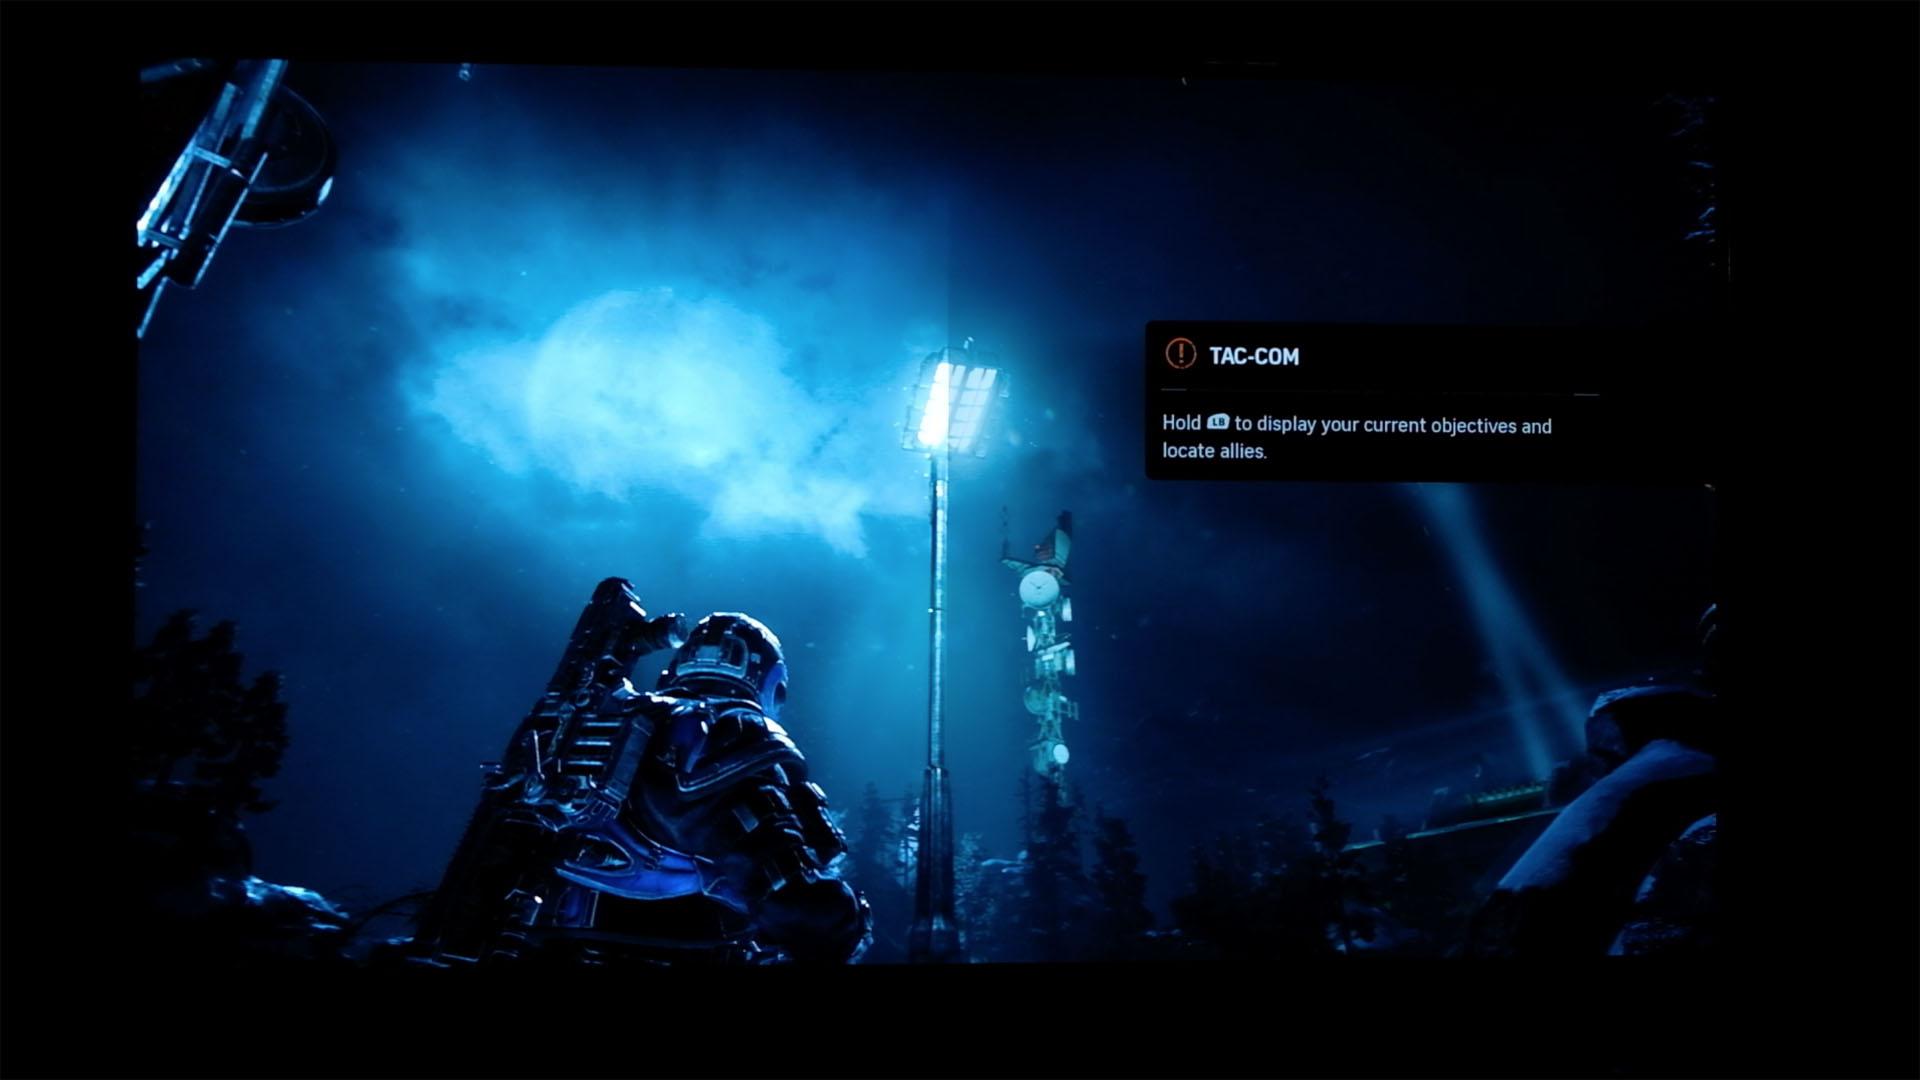 Spielen mit HDR ausprobiert: In den Farbtopf gefallen - Gears of War 4 (Splitscreen-Modus im Spiel)